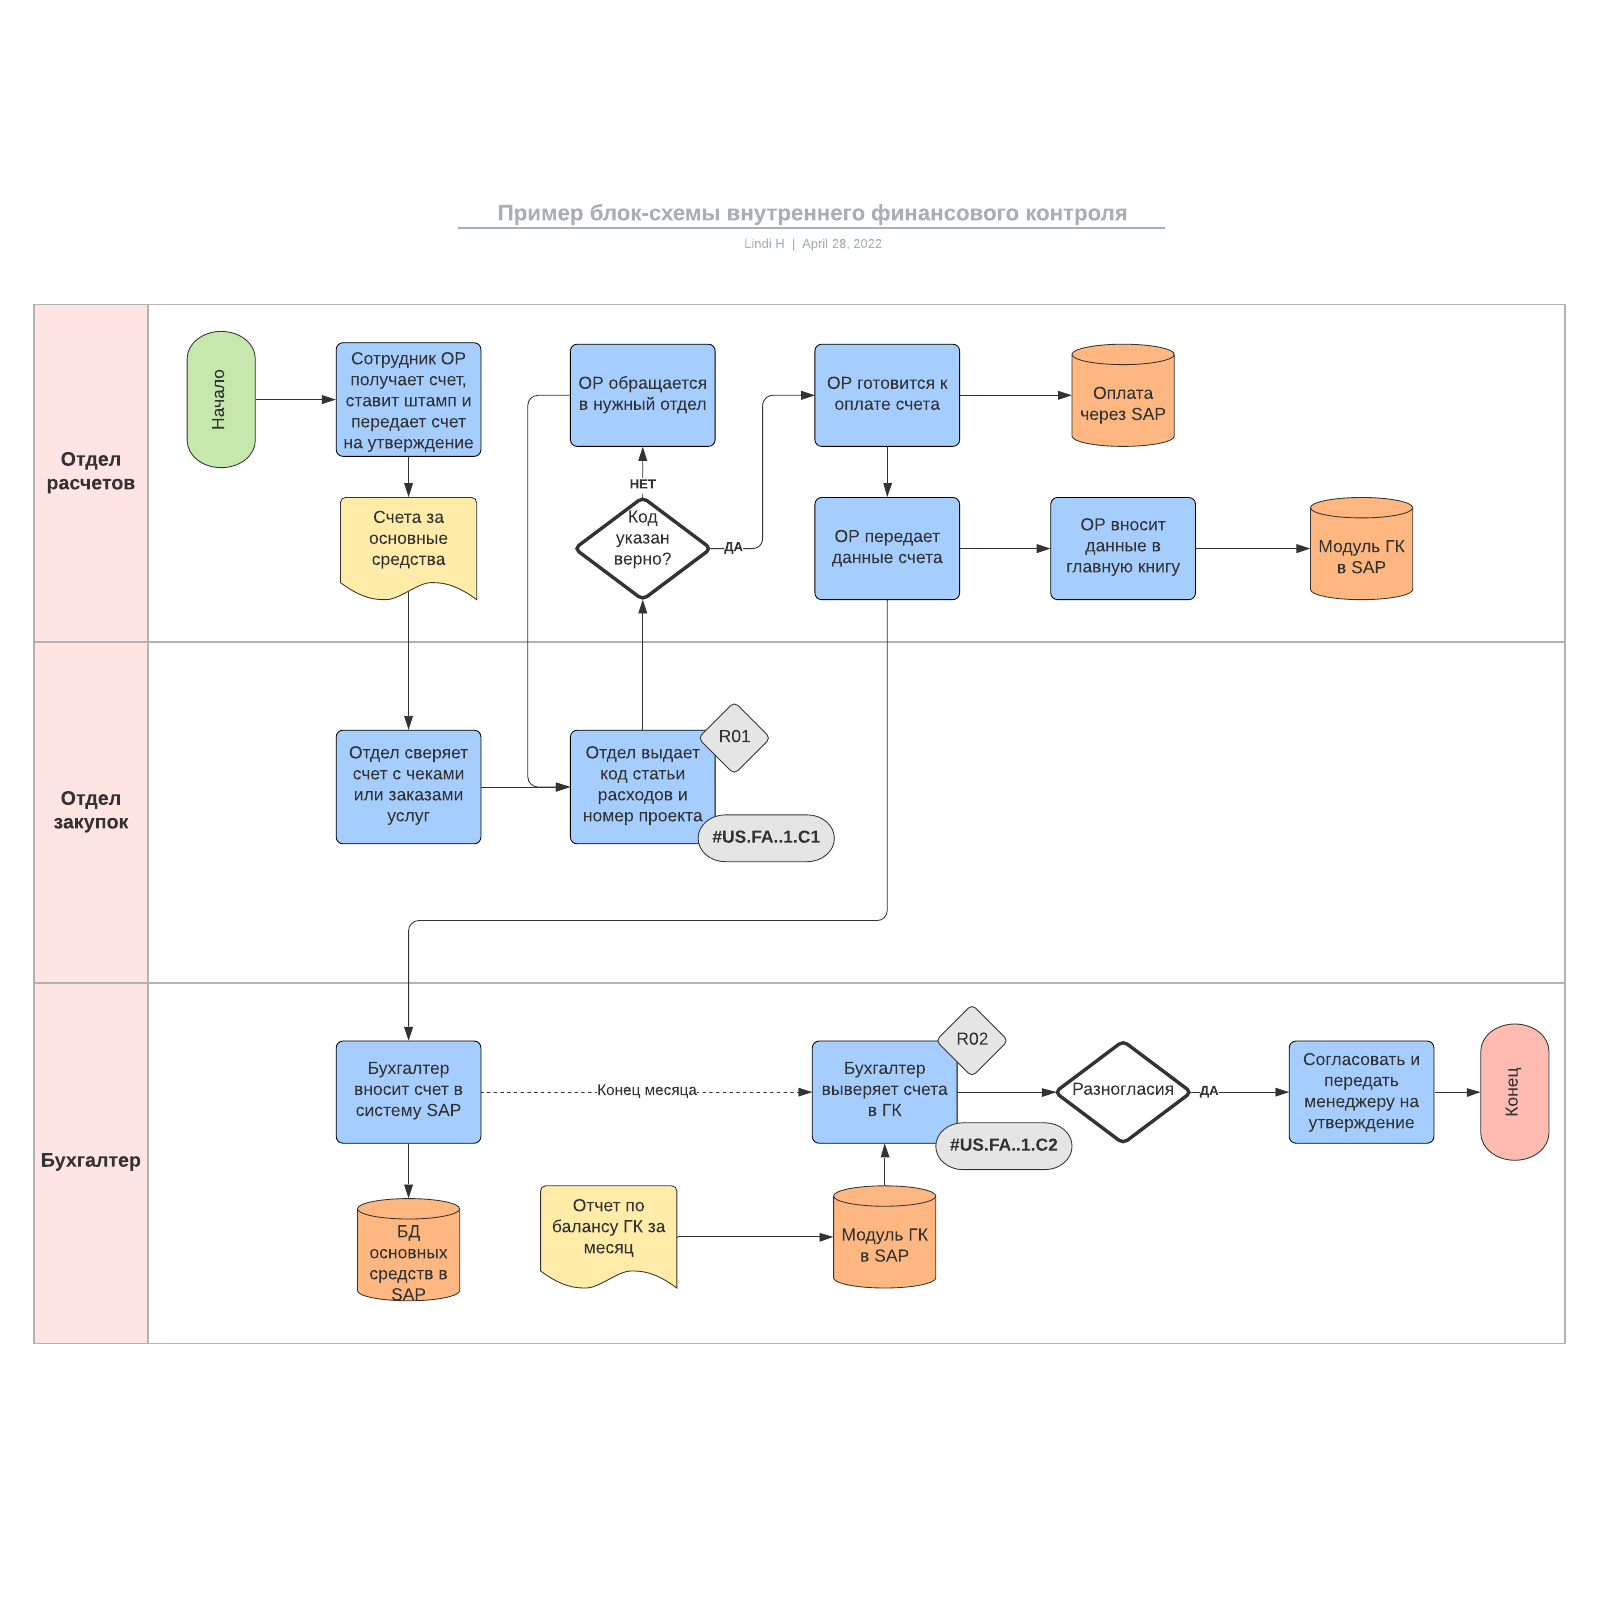 Пример блок-схемы внутреннего финансового контроля